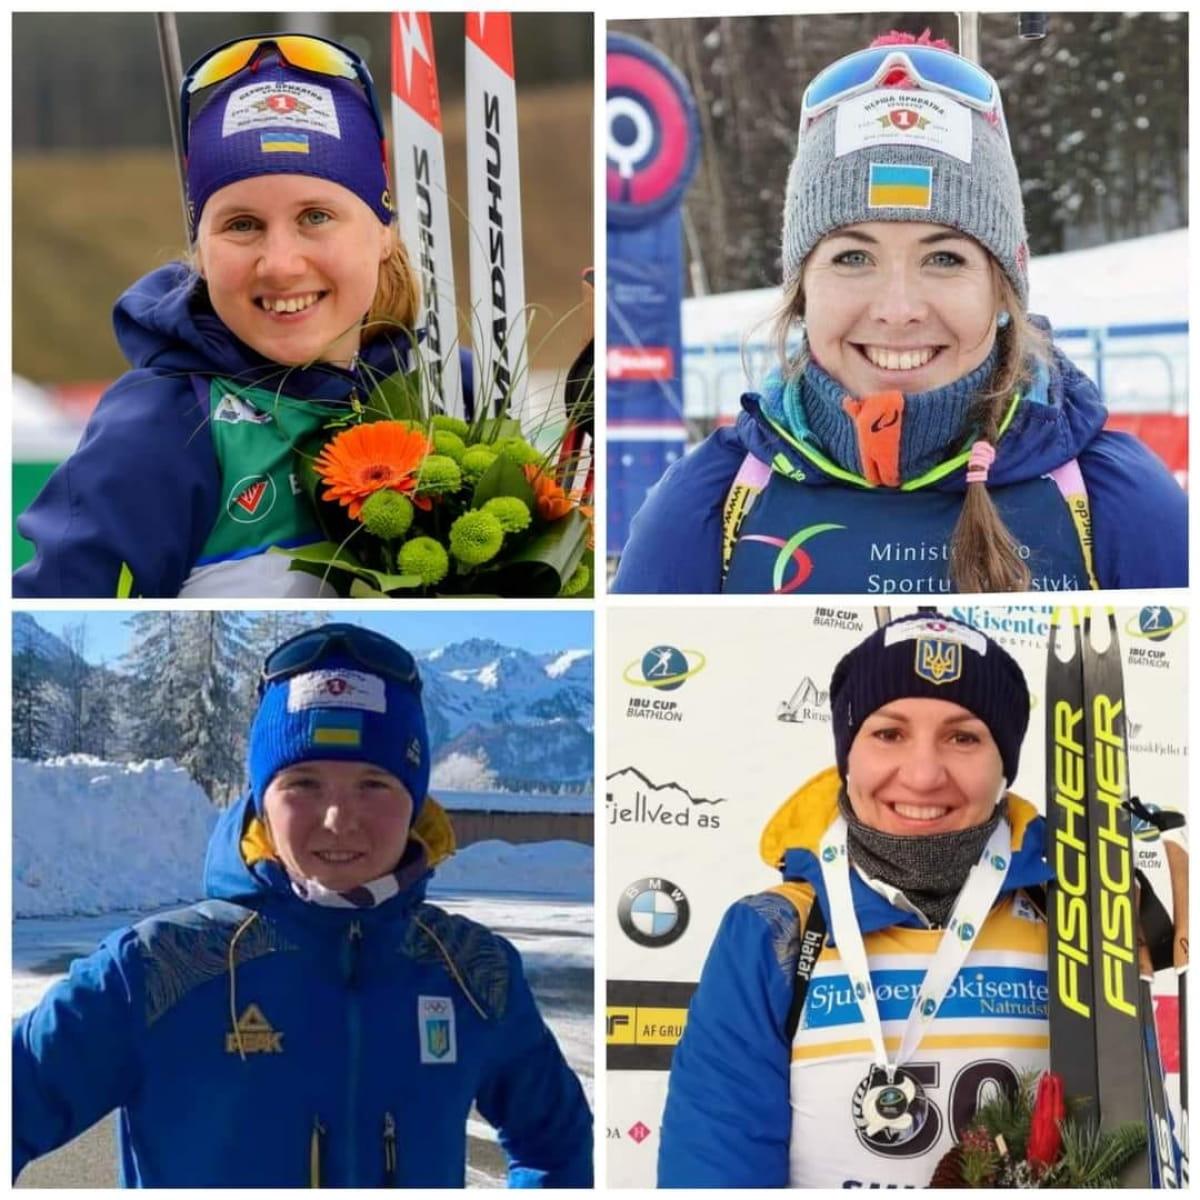 Украинские биатлонистки завоевали «бронзу» на Чемпионате мира (ФОТО) - фото 2